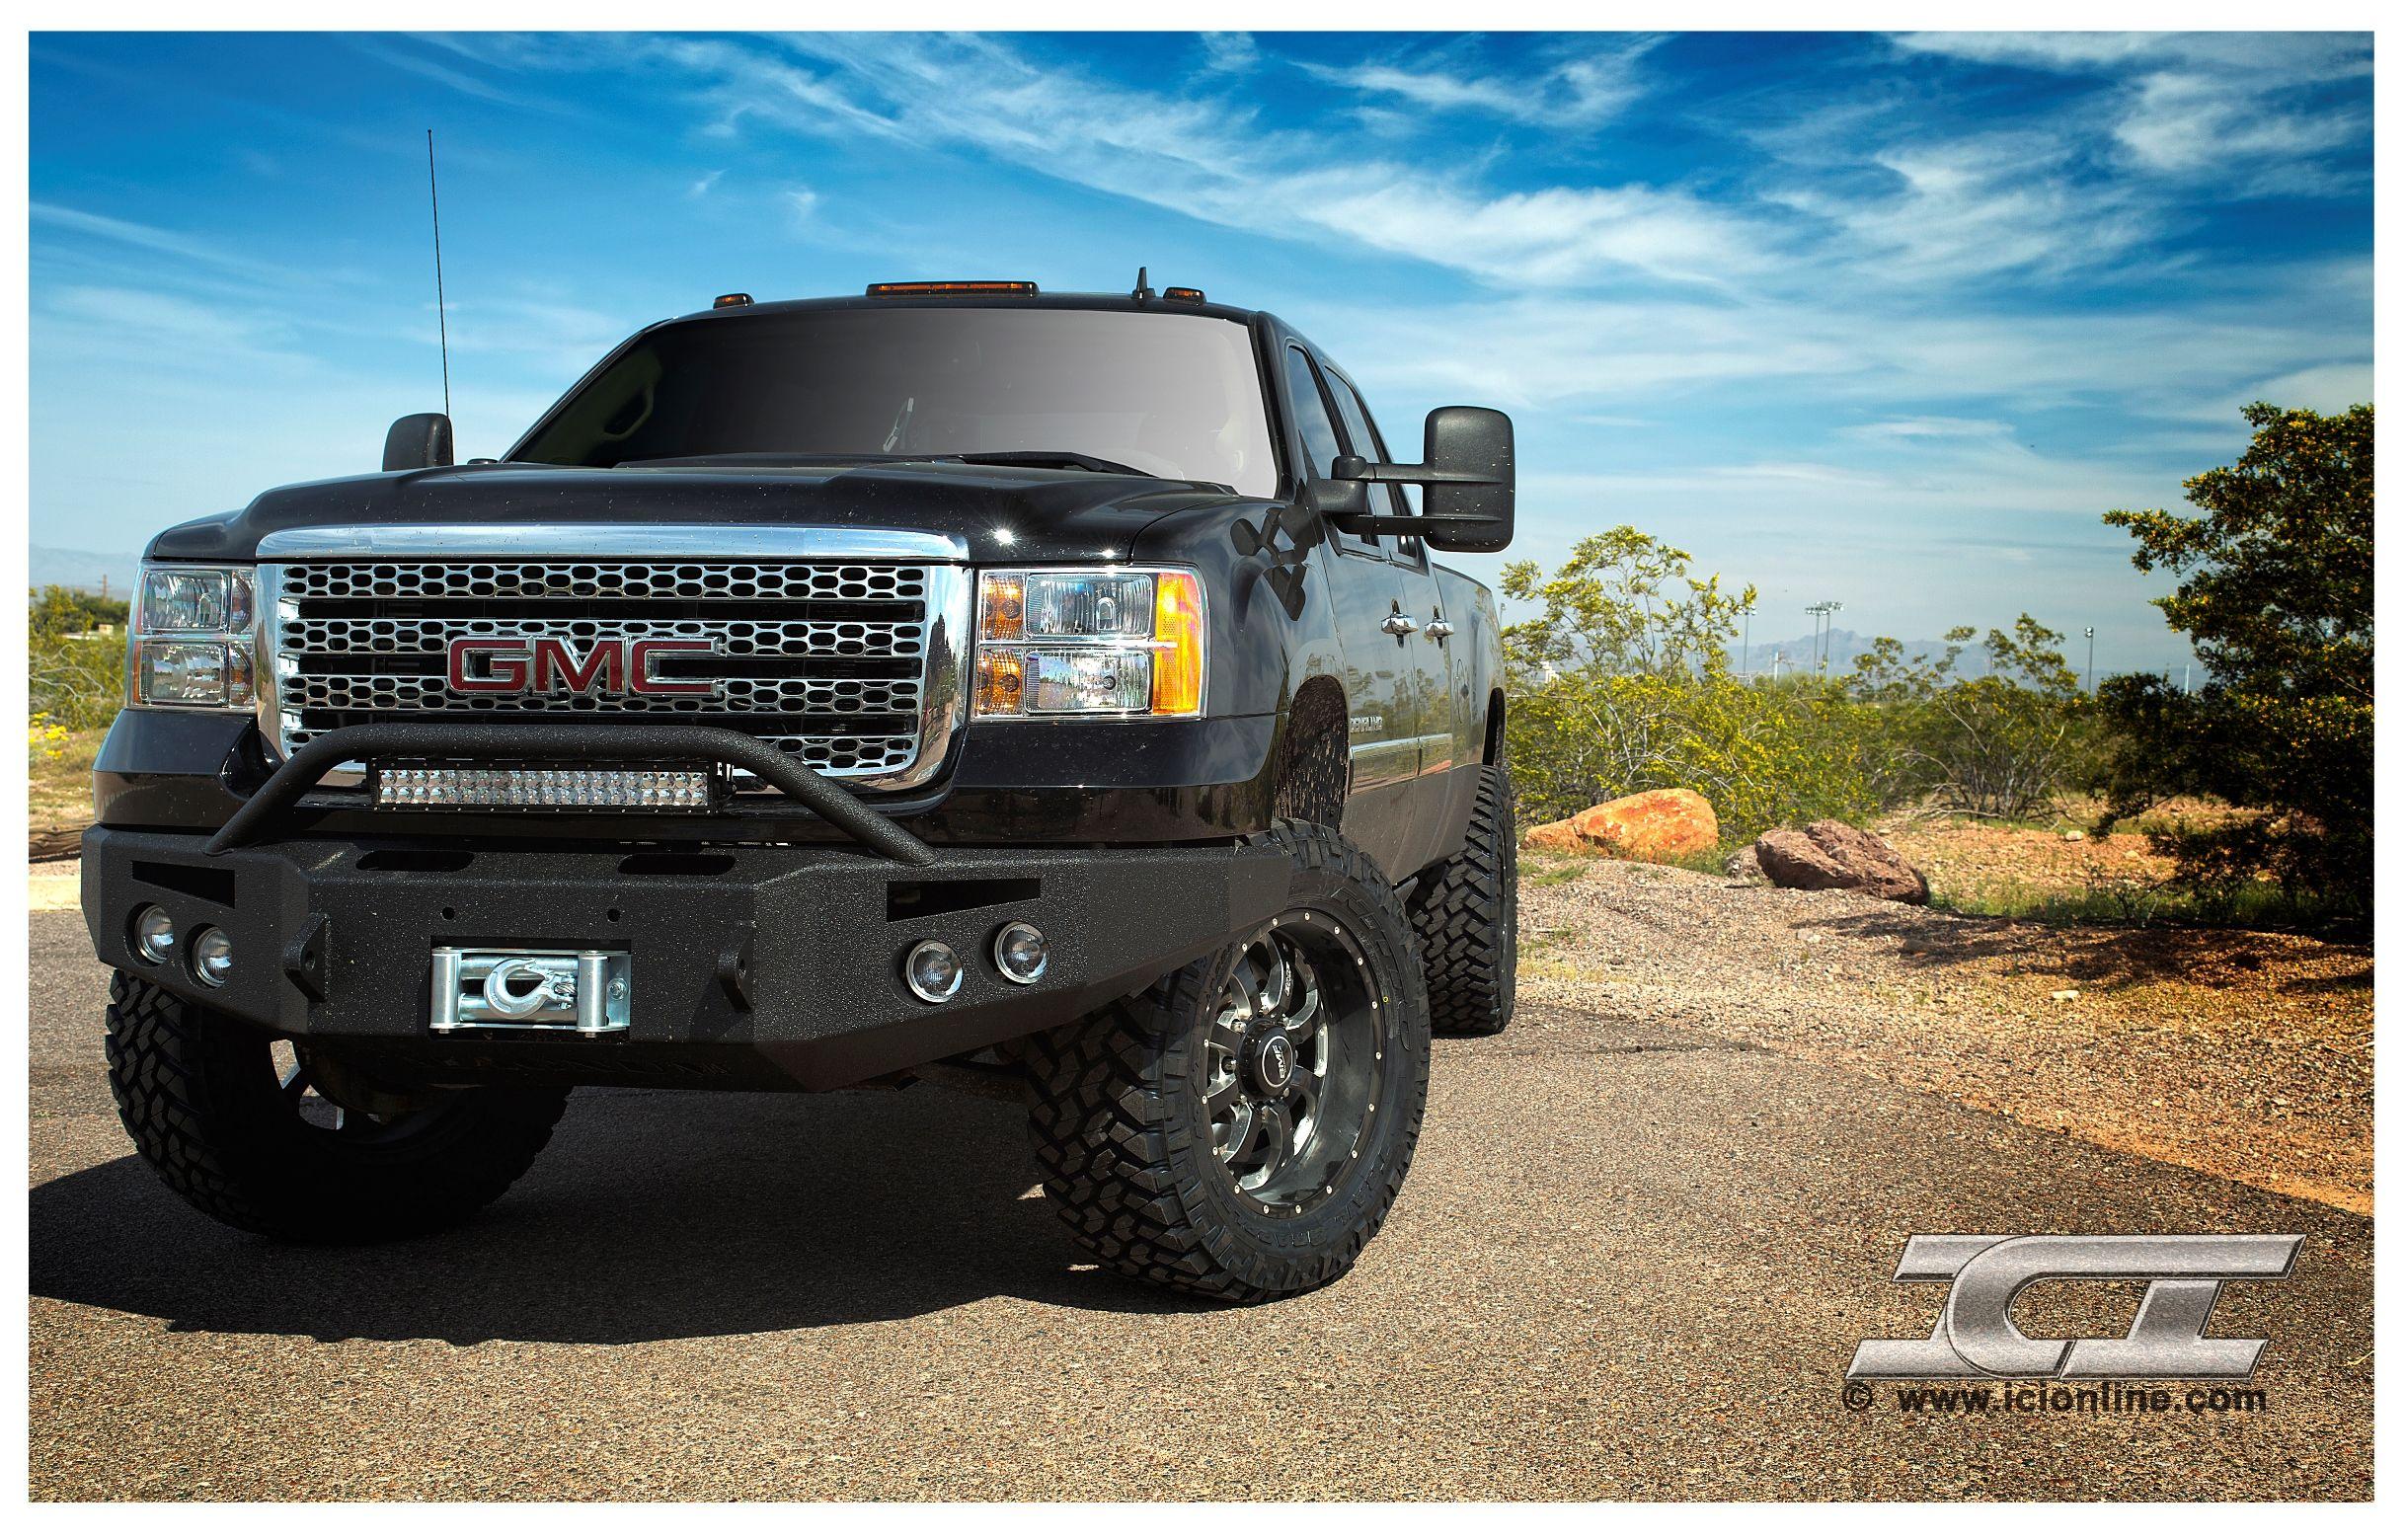 2011 2013 Gmc Sierra Hd Denali W Ici Magnum Bumpers Trucks Gmc